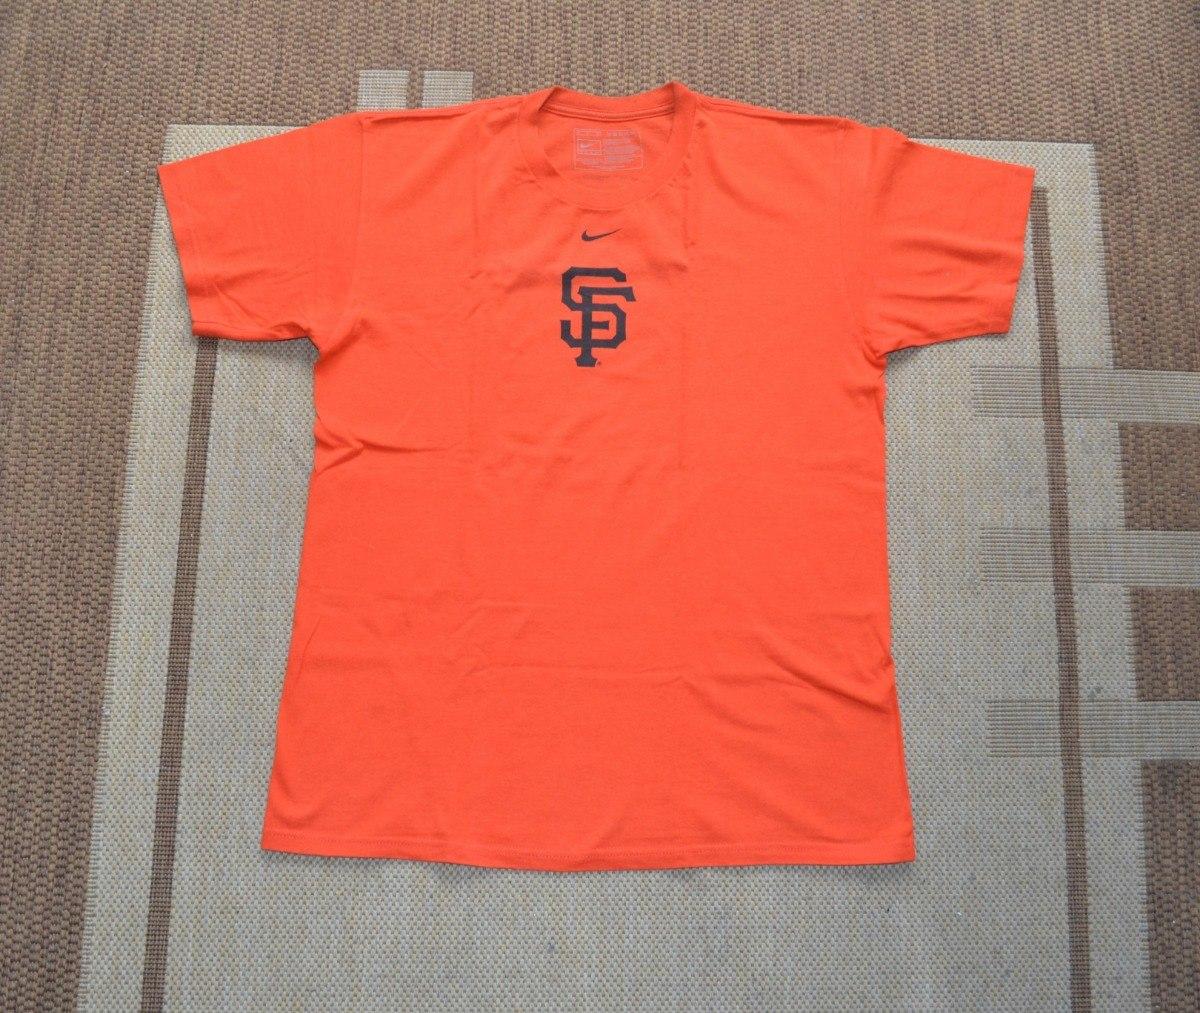 Camiseta 50 P Baseball R Francisco Tamanho 00 San Nike Giants Mlb qTA1xqFOw 7a8d1c56daa4a